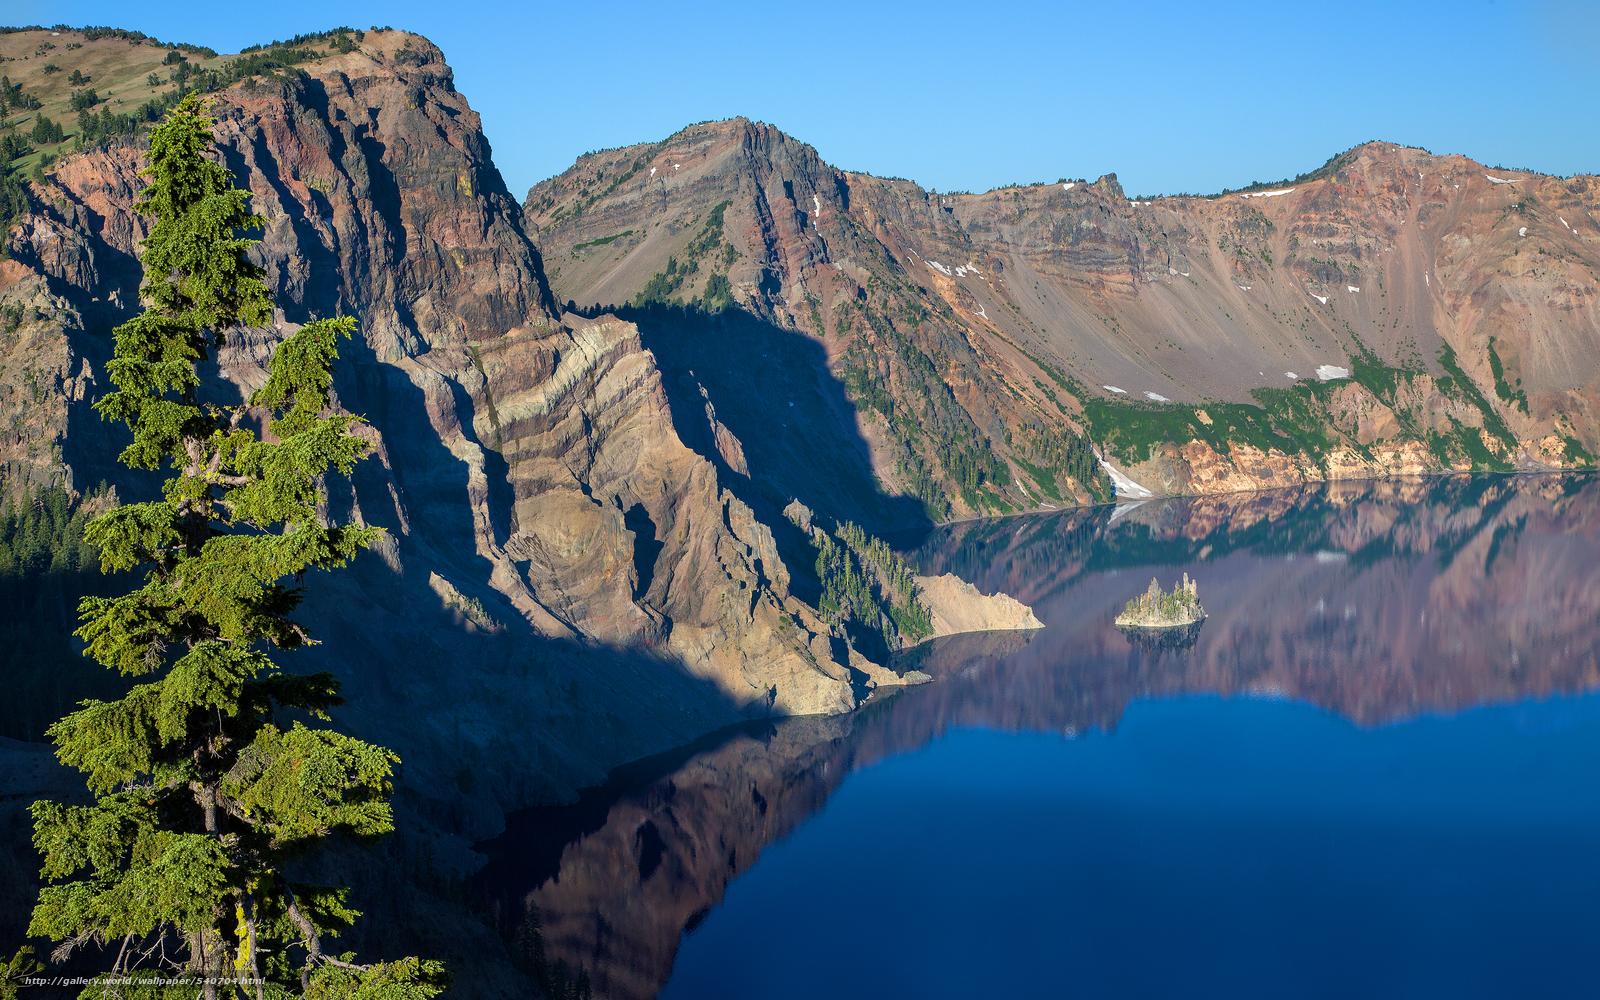 Скачать обои Кратер,  Озера-Национальный парк в штате Орегон,  США бесплатно для рабочего стола в разрешении 3840x2400 — картинка №540704